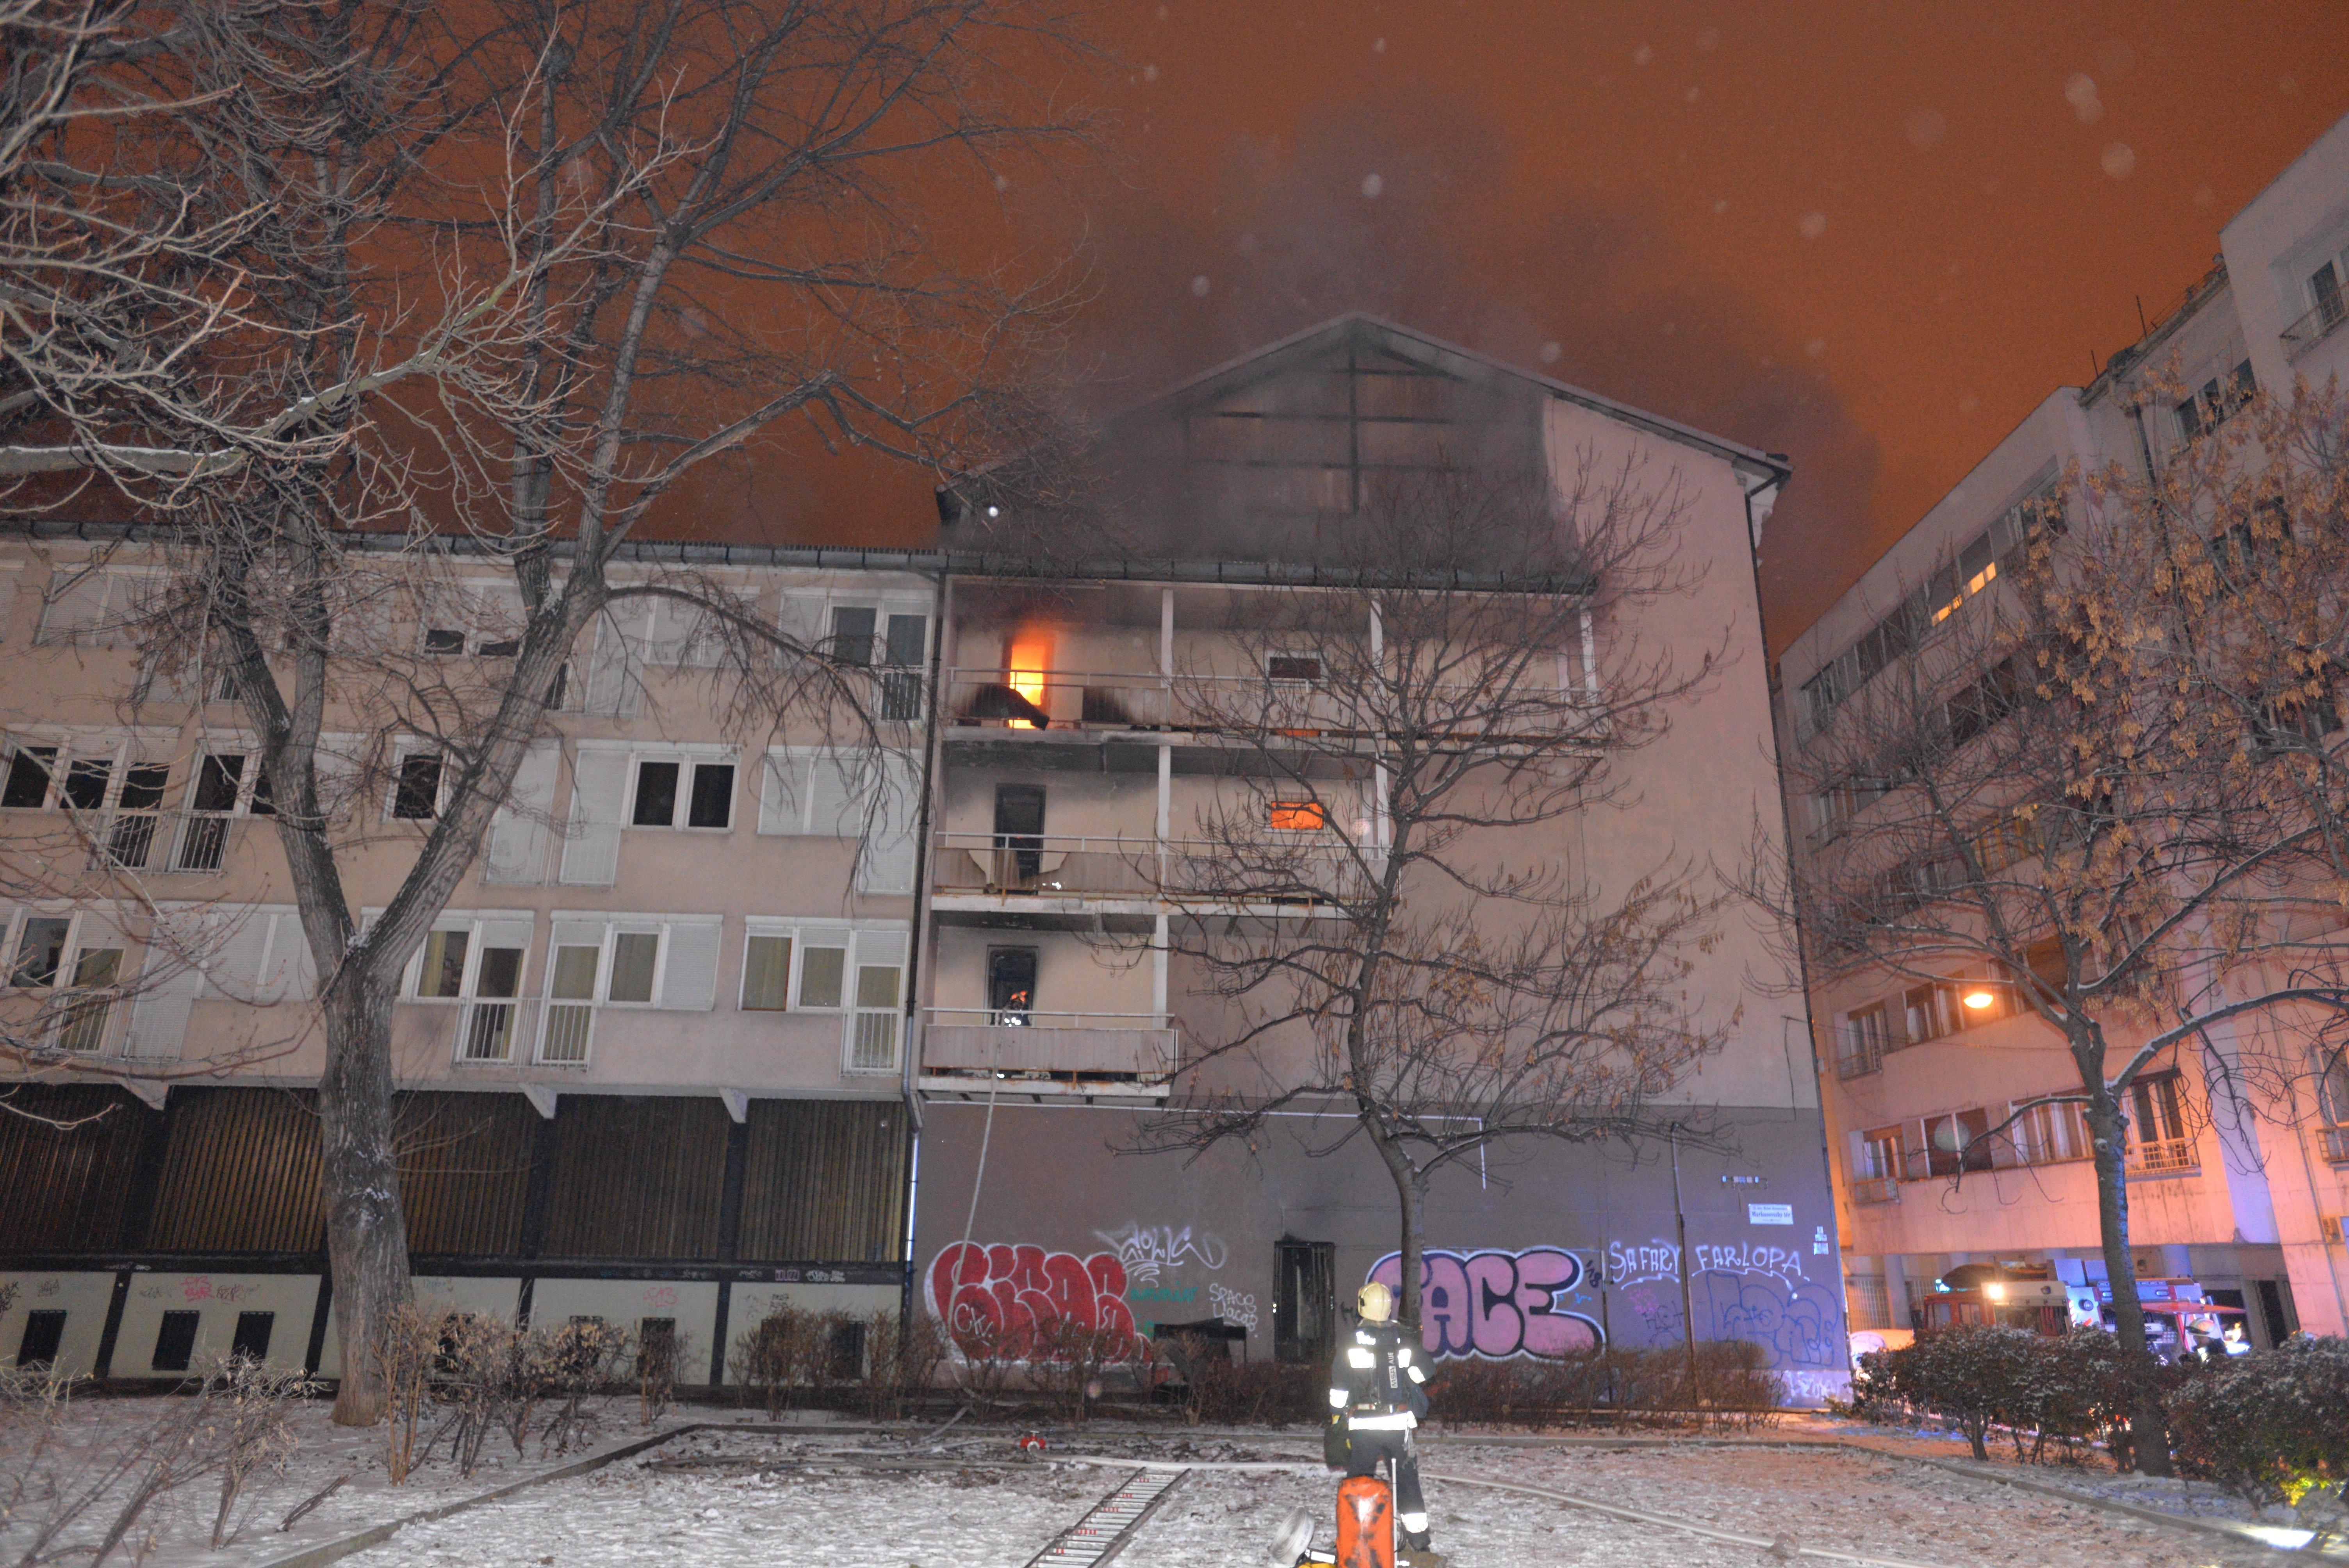 Szándékos gyújtogatás okozta a tüzet a Ráday kollégiumban